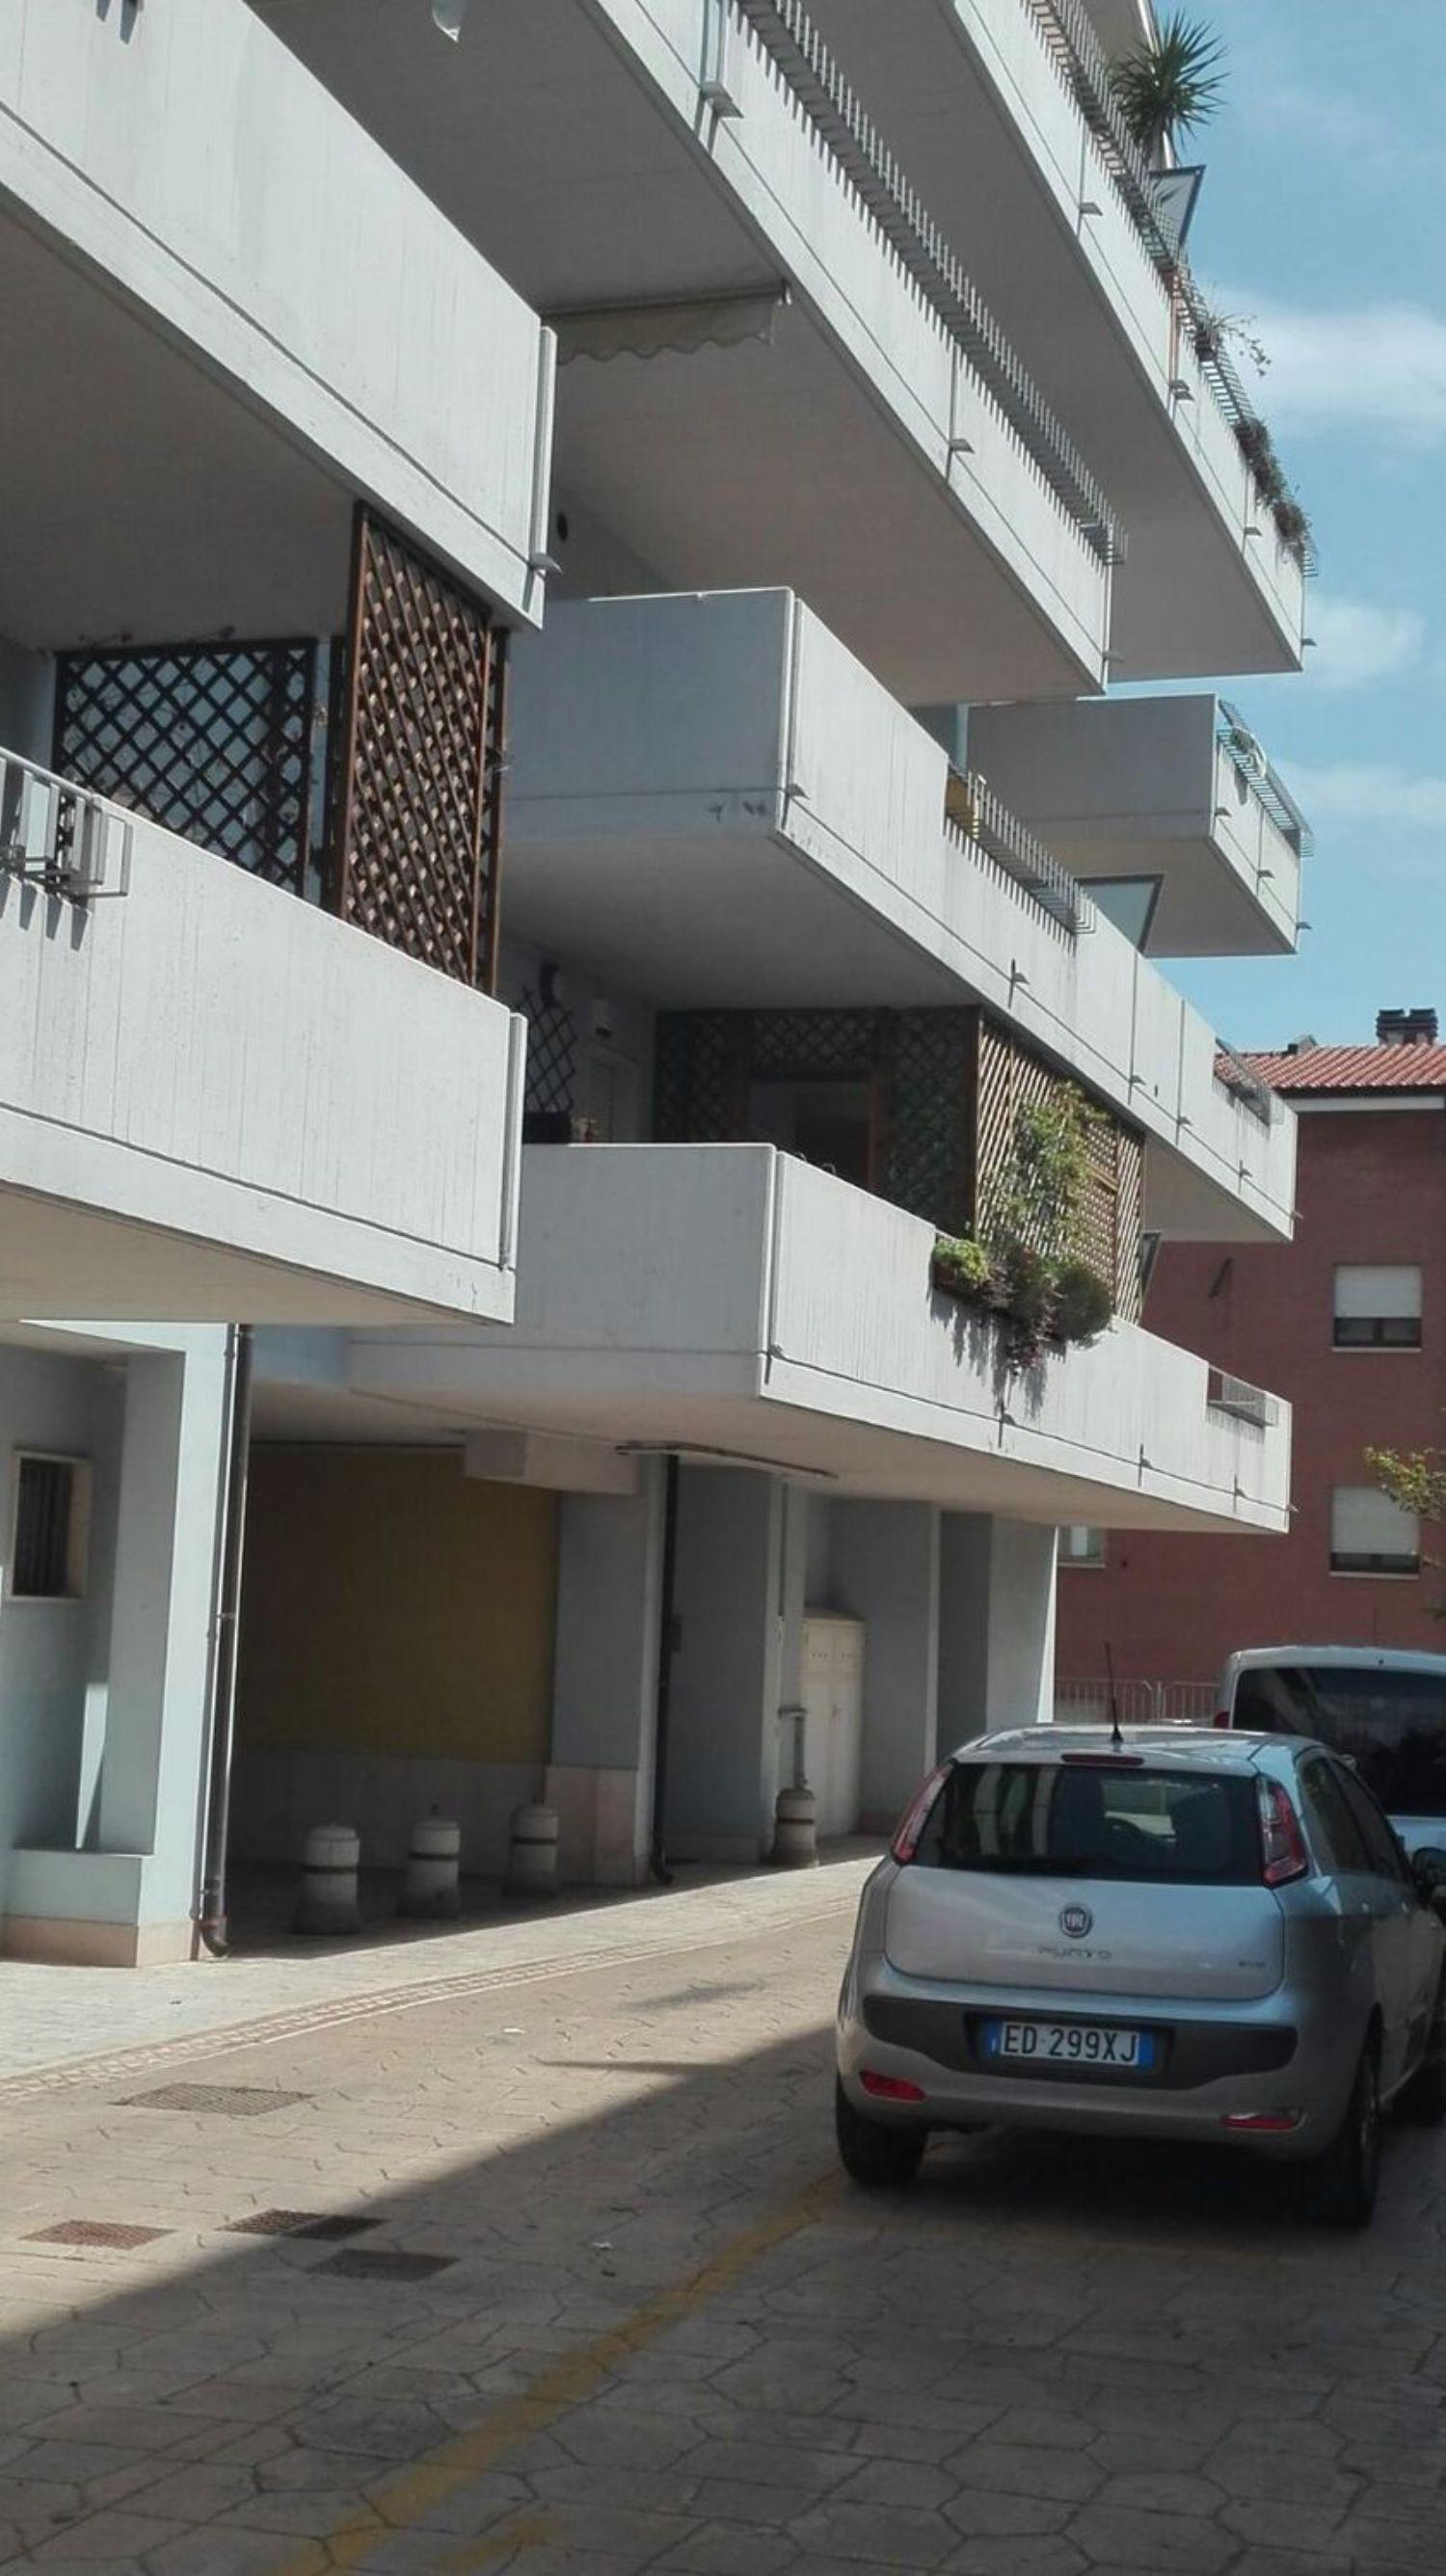 Appartamento in vendita a Vasto, 3 locali, prezzo € 95.000 | Cambio Casa.it